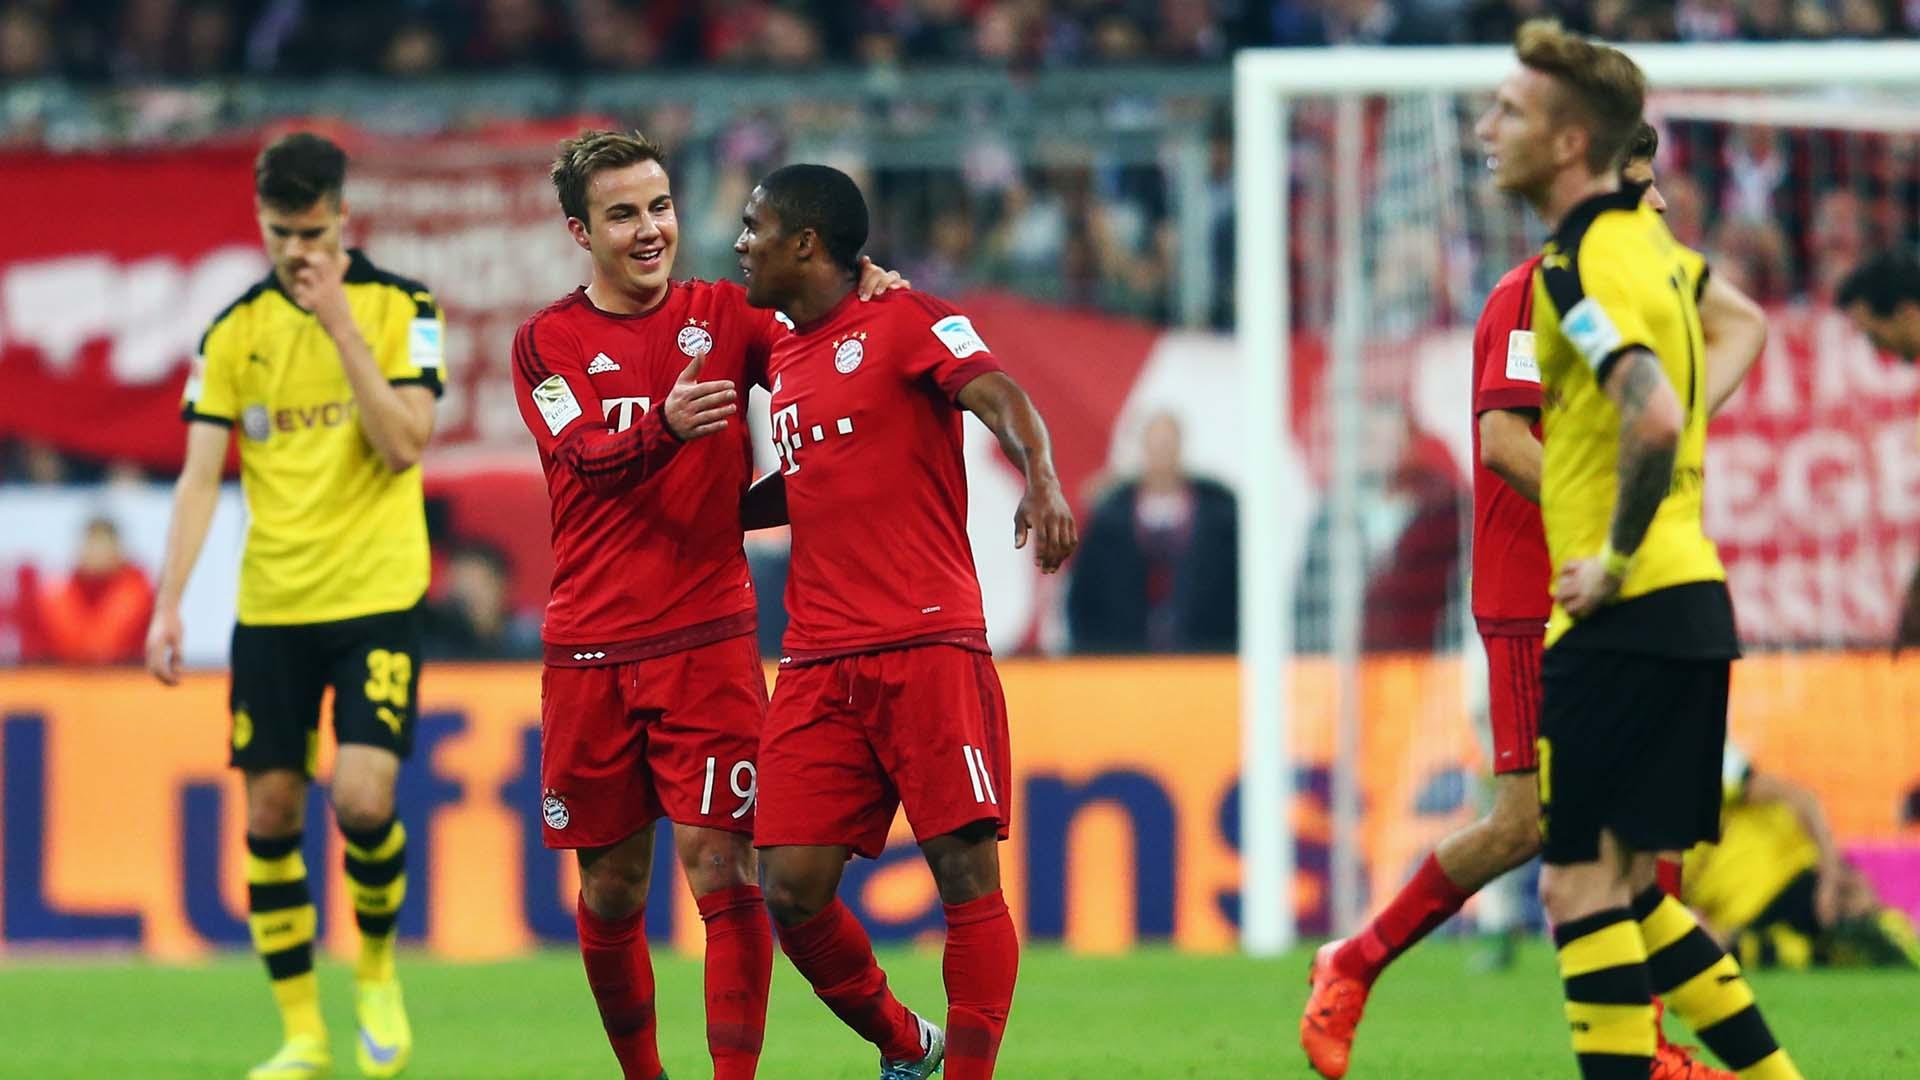 Borussia Dortmund FC Bayern München 2015